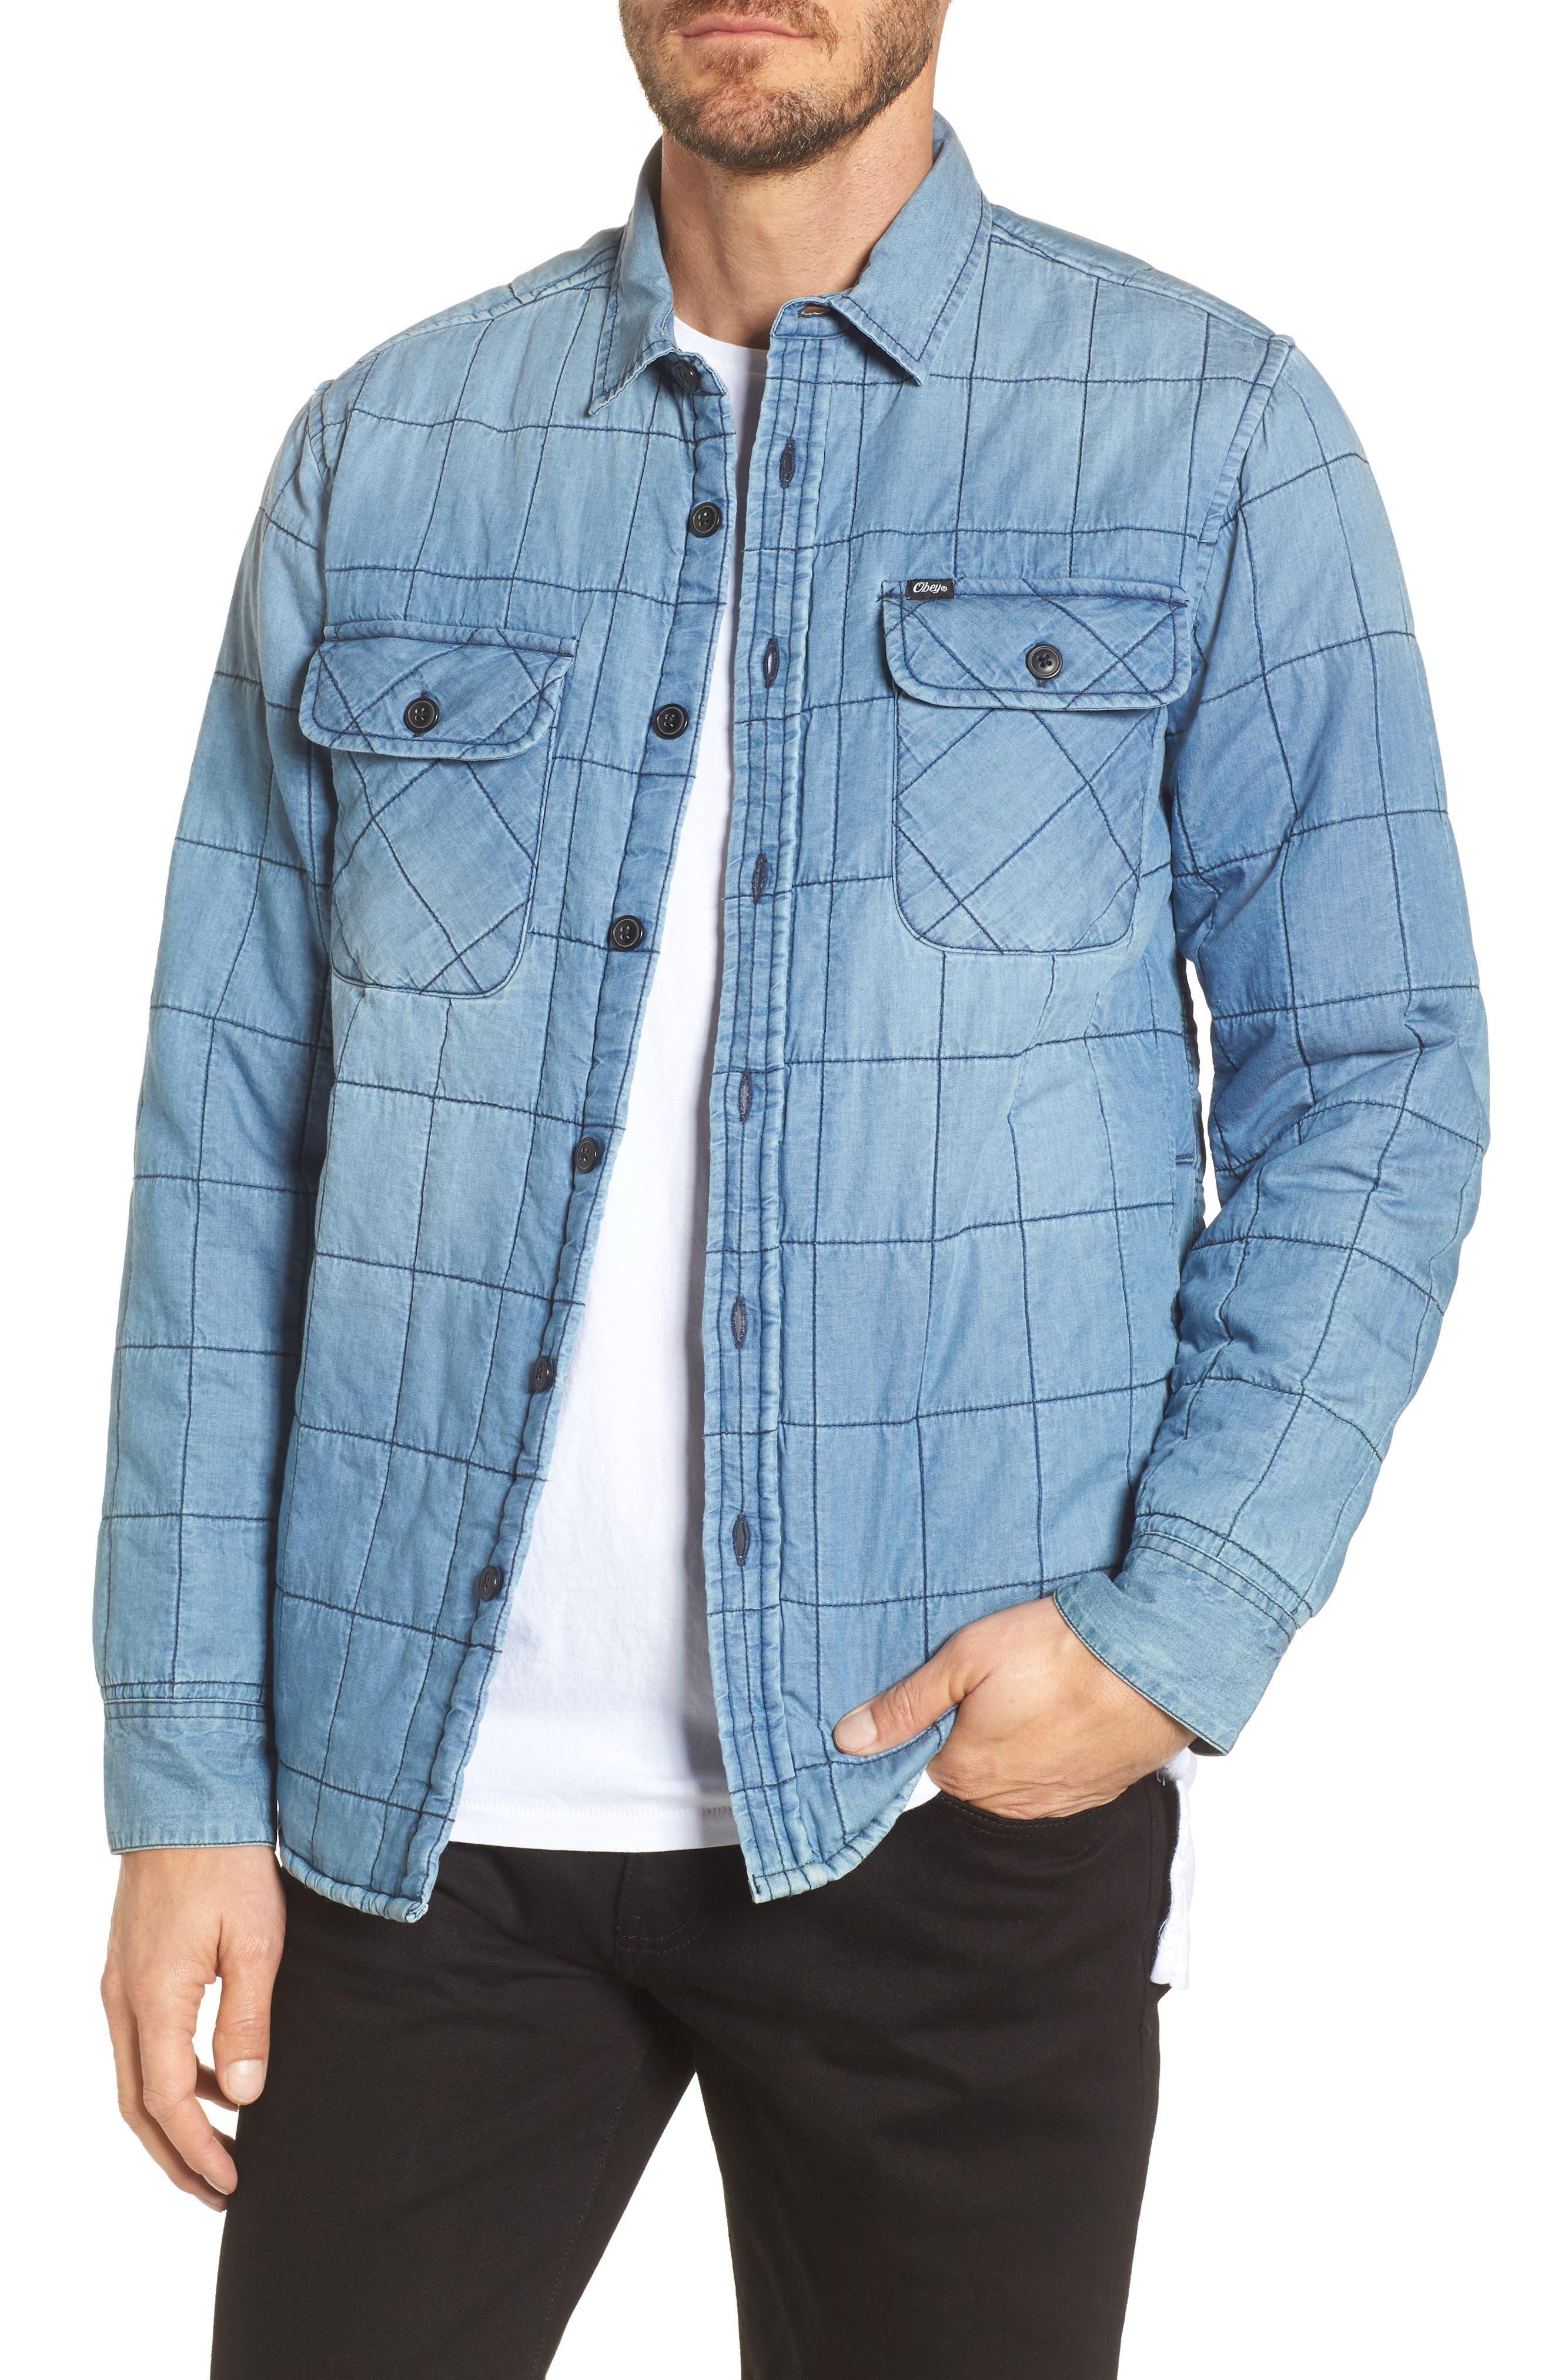 Wrecker Jacket,                         Main,                         color, Vintage Indigo